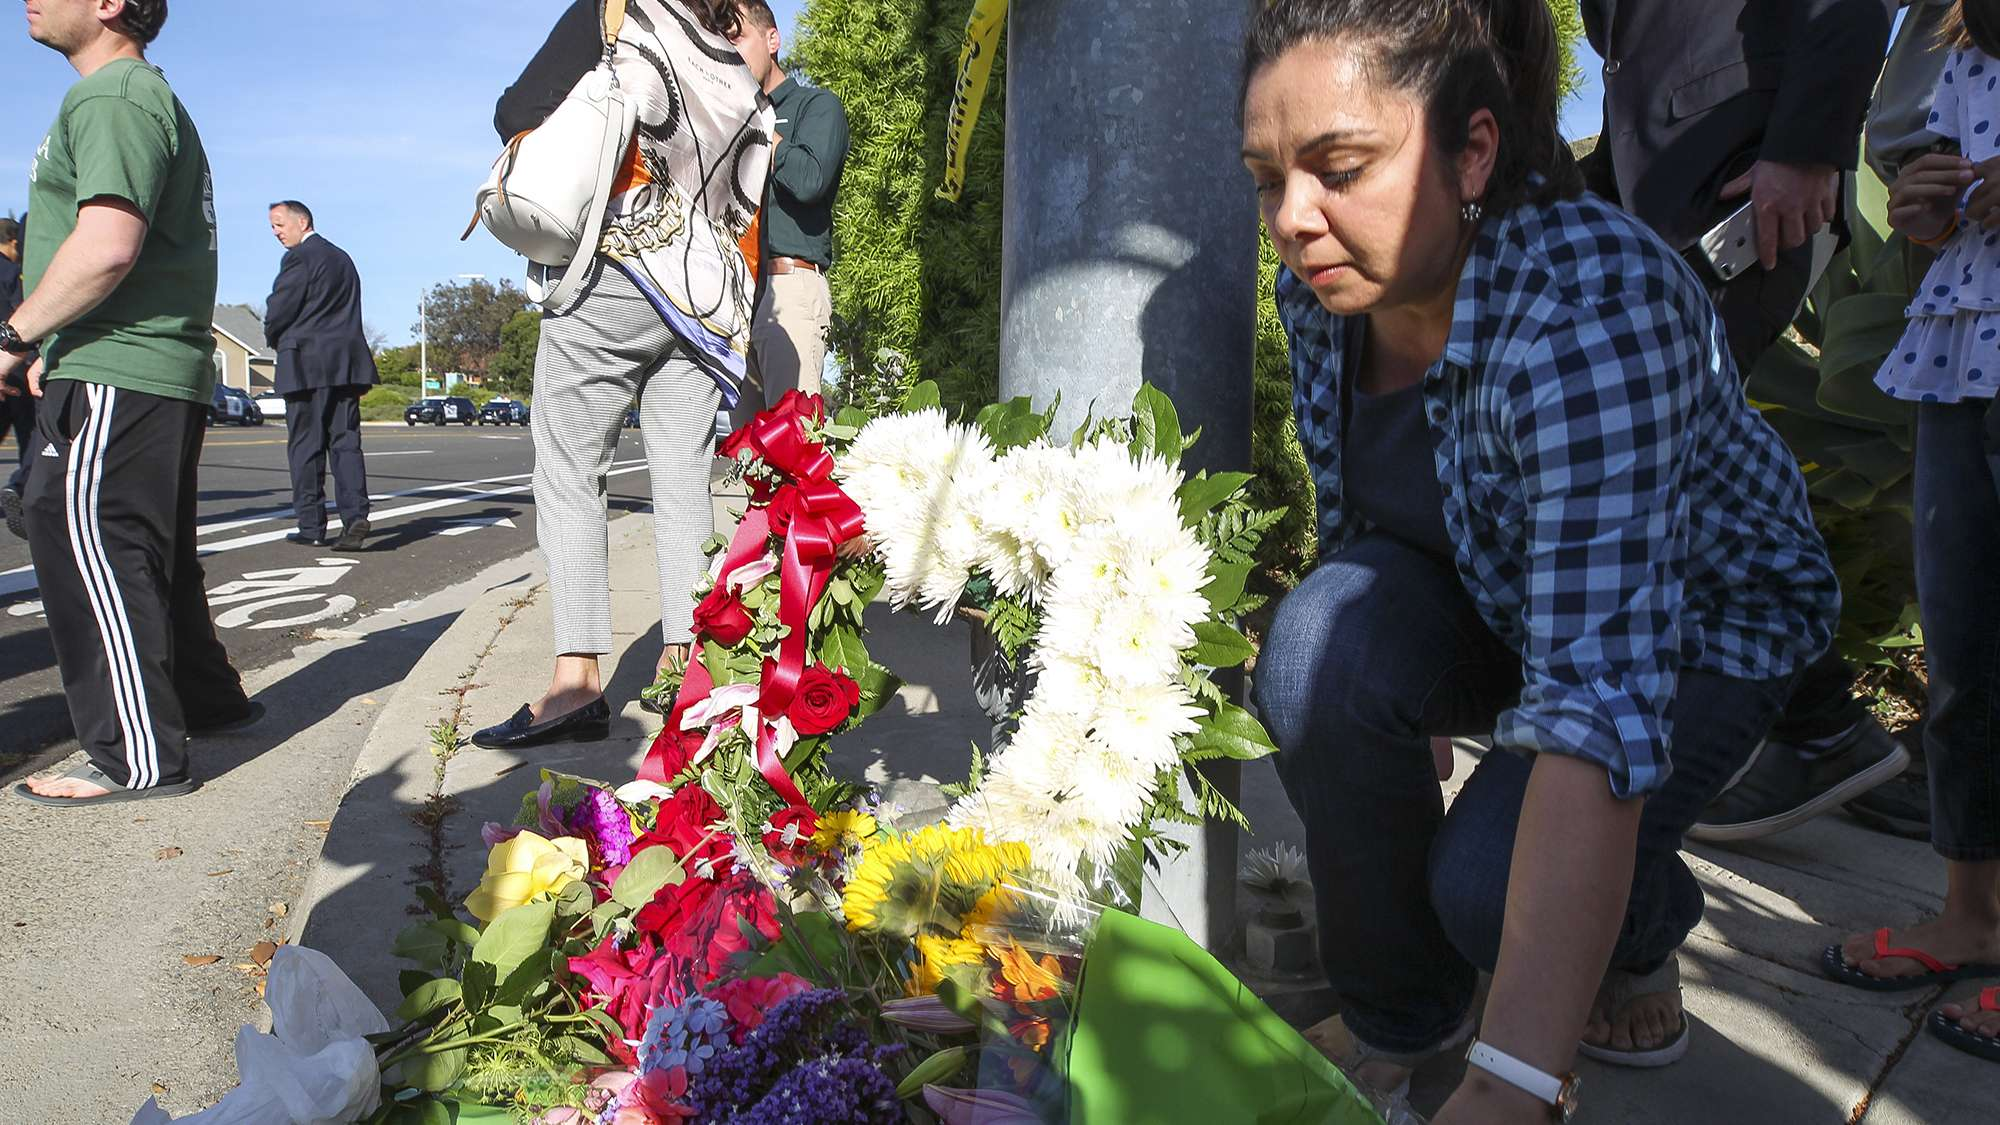 ieles deutet darauf hin, dass er bekennender Rechtsextremist ist. Die Menschen in der kalifornischen Stadt trauern gemeinsam.